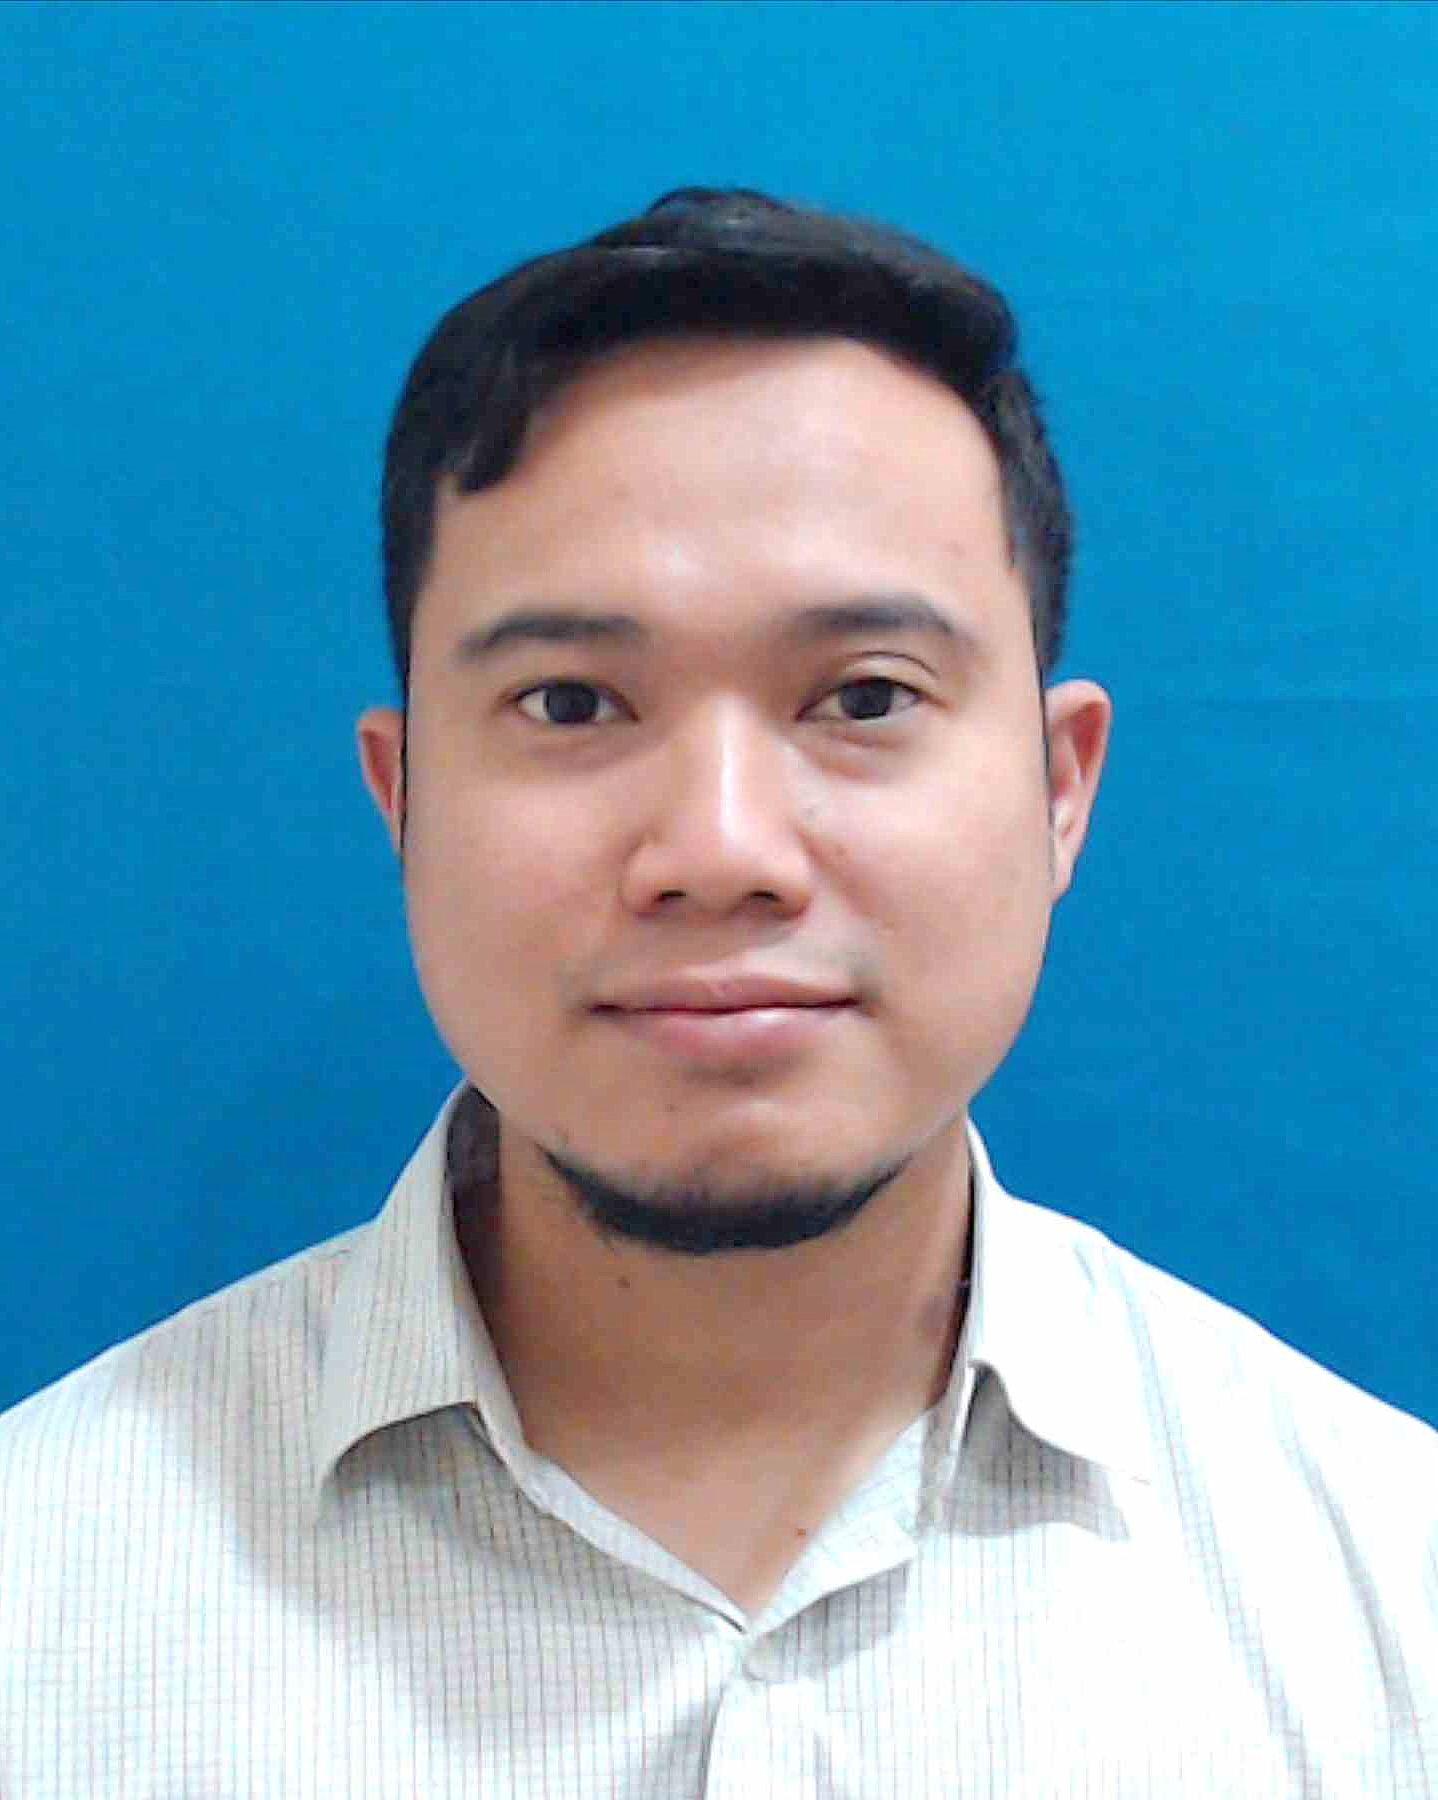 Nik Ahmad Aminudin Bin Nik Man